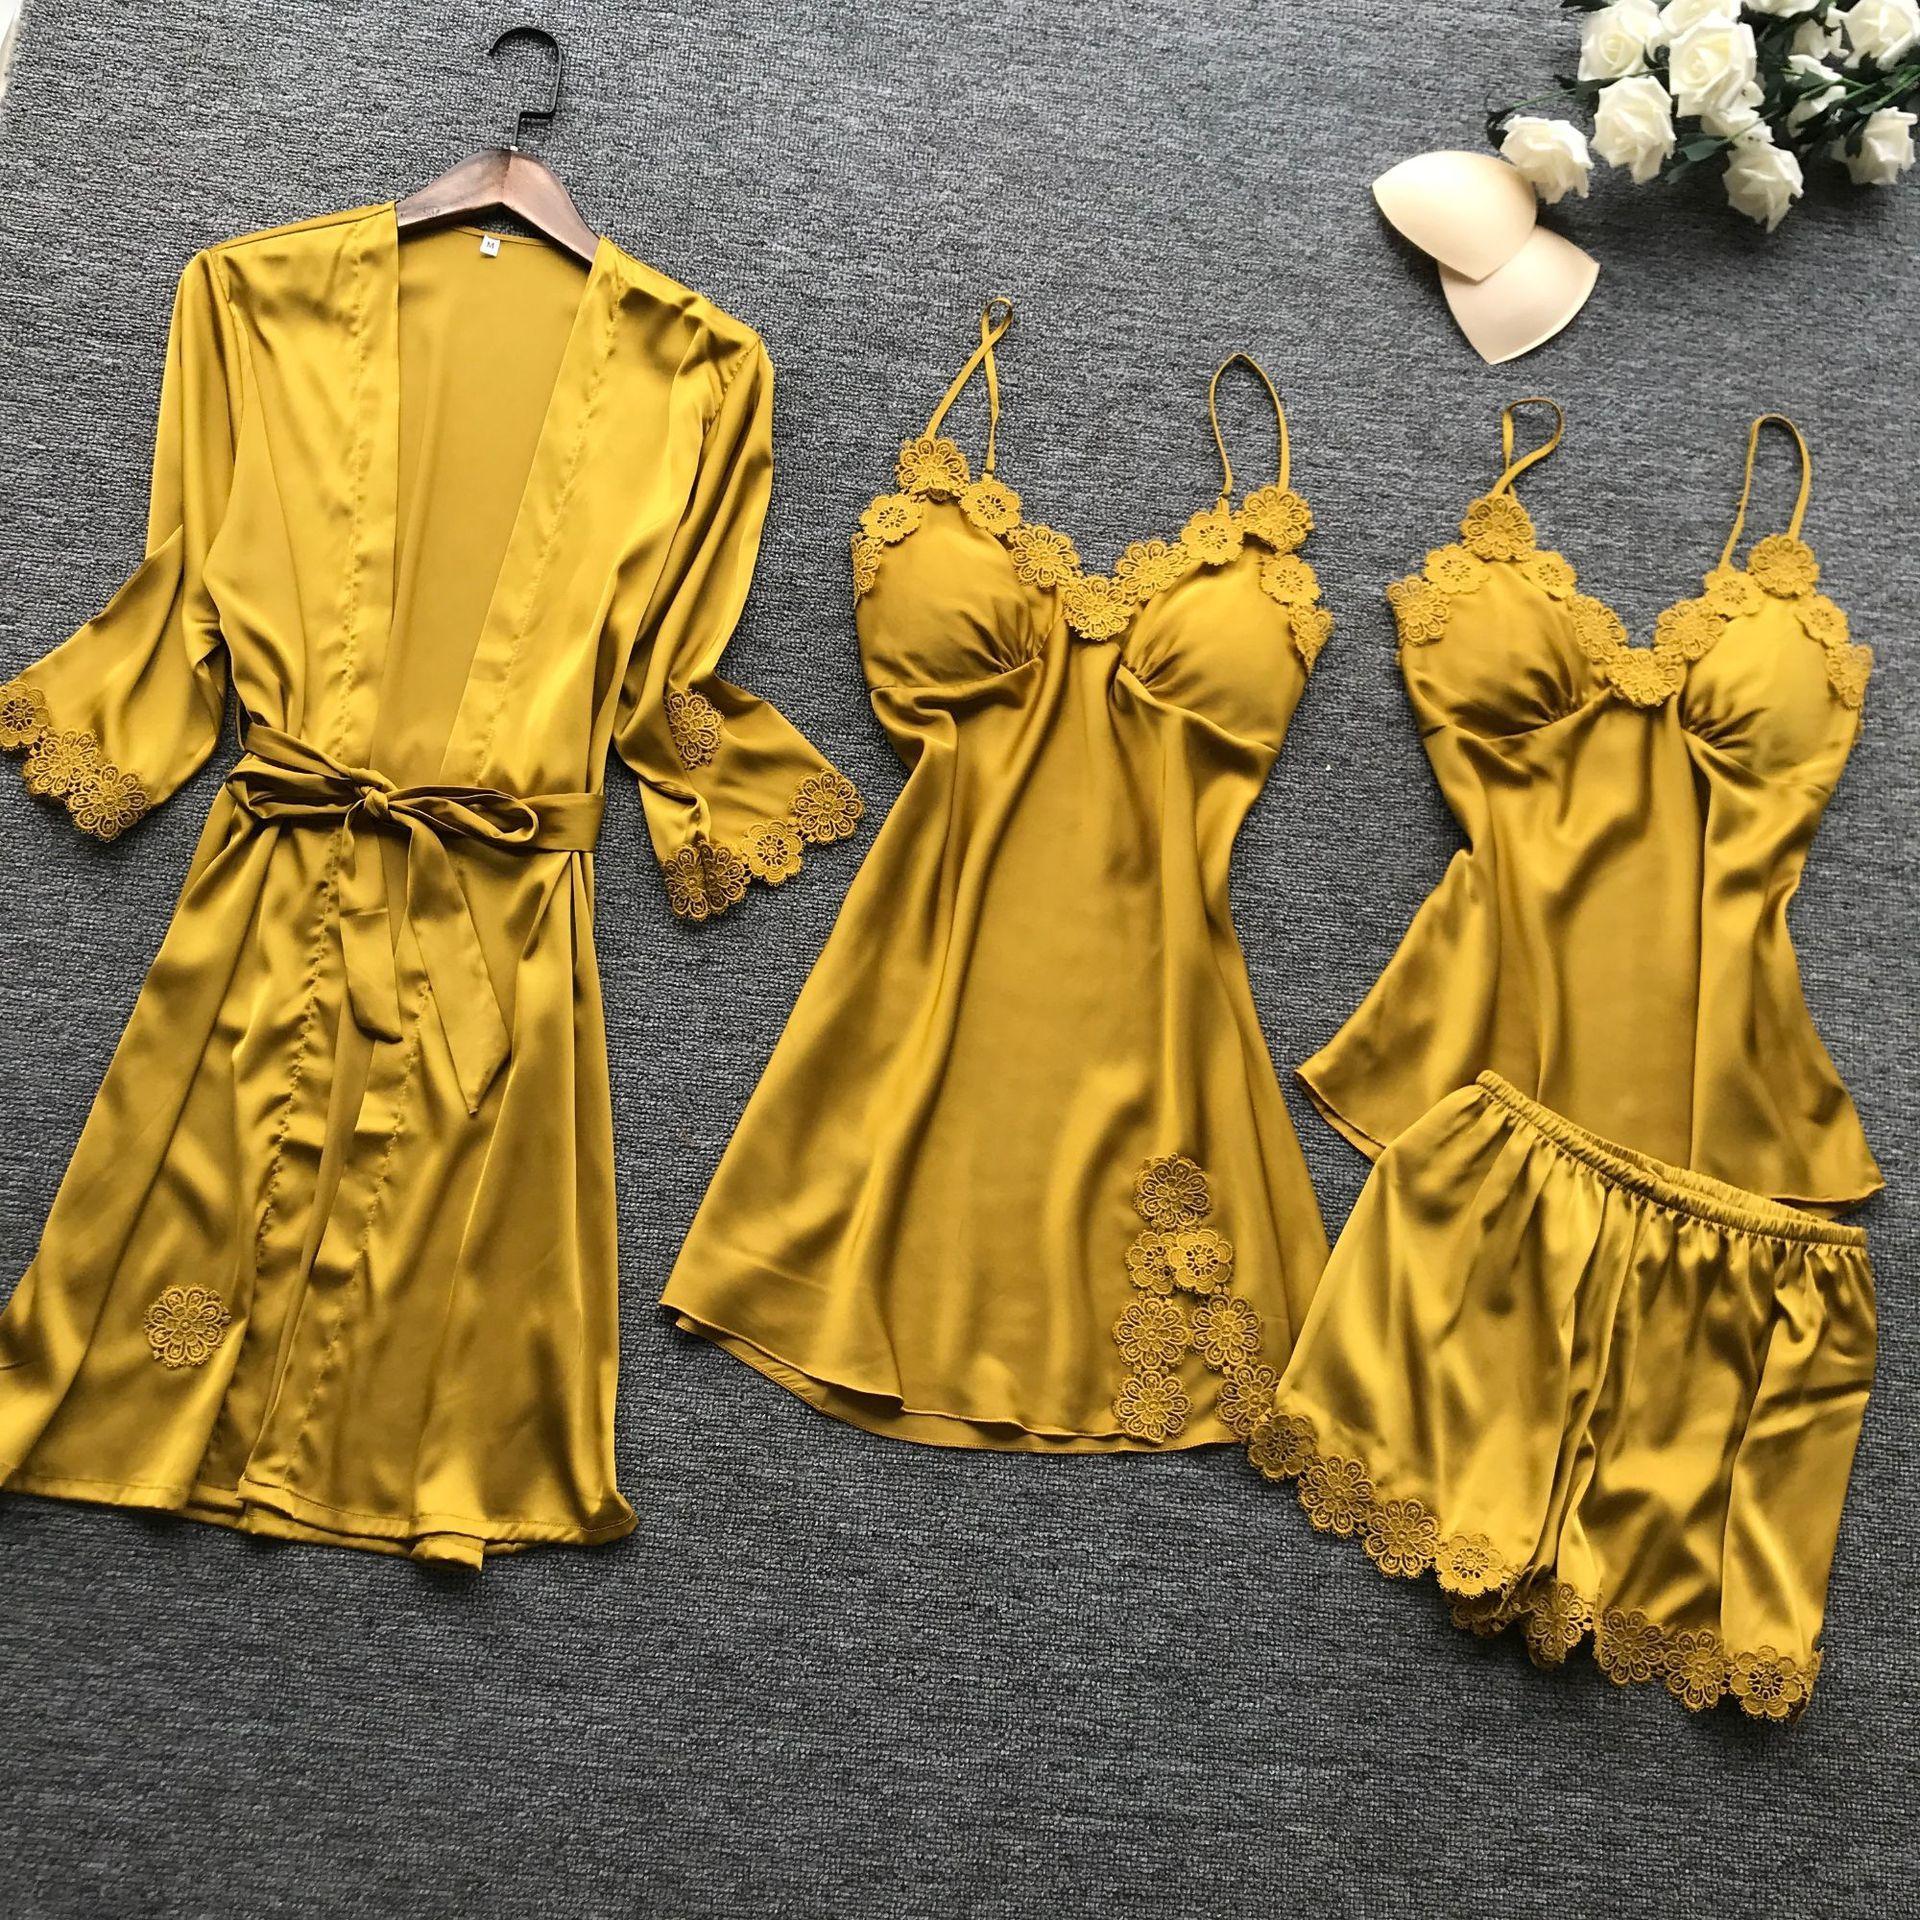 Lisacmvpnel 4 шт. Женская атласная пижама с вышивкой на груди, сексуальная пижама с кардиганом на поясе